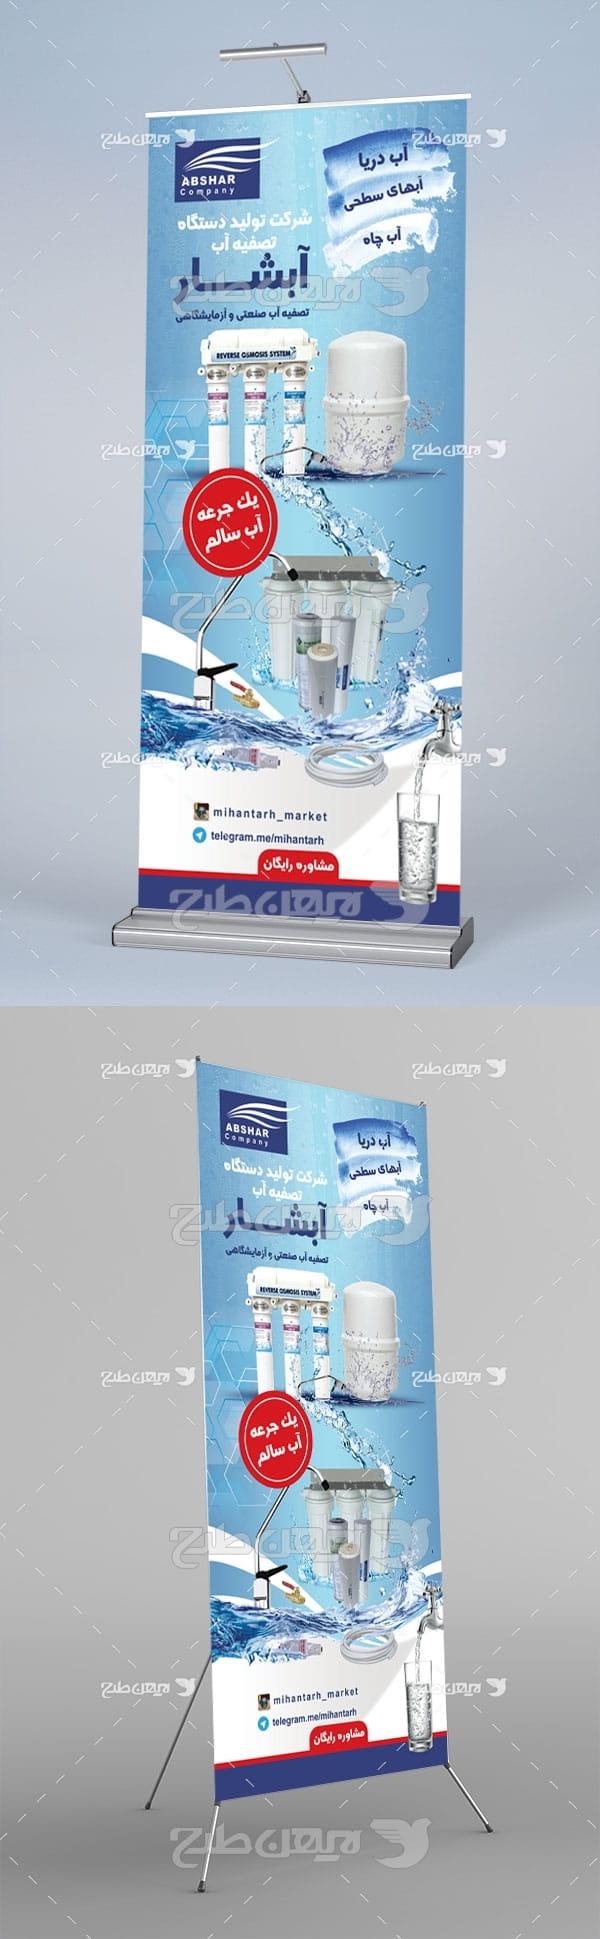 طرح لایه باز استند شرکت تولید دستگاه تصفیه آب آبشار